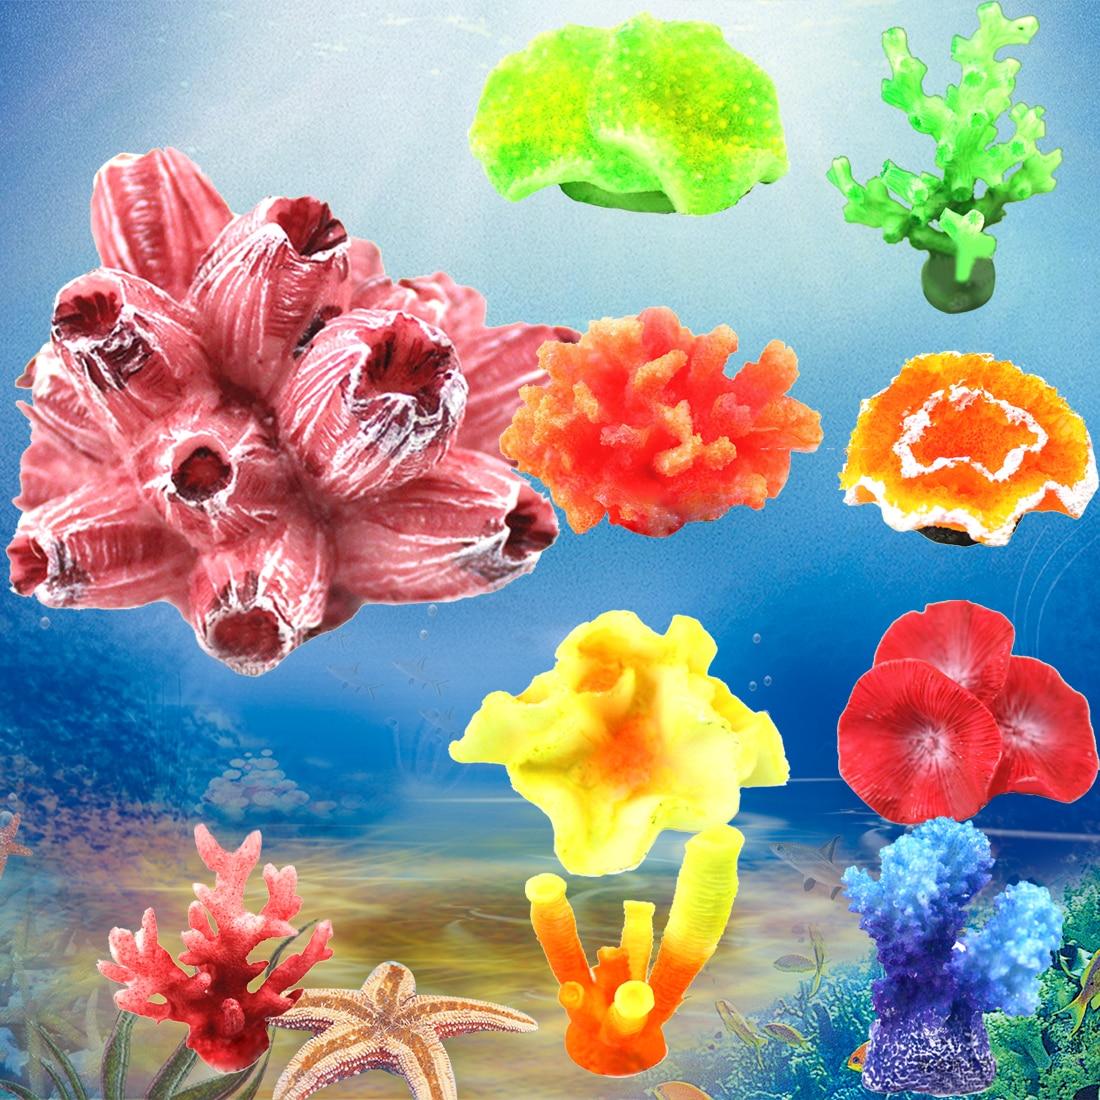 Great Cheap 1pcsset Colorful Artificial Plastic Aquarium Decoration